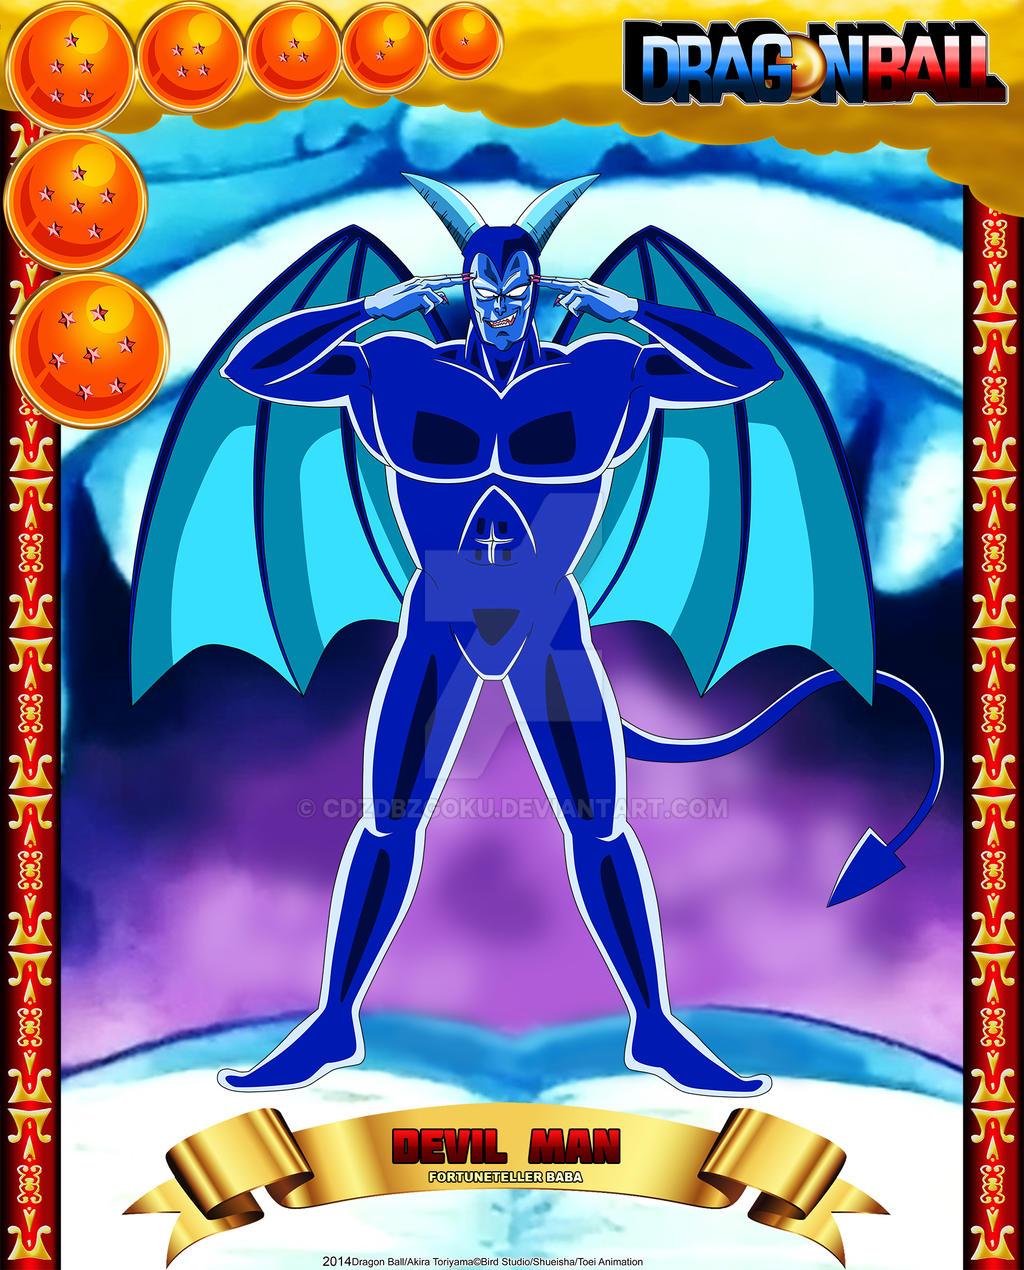 DB Devil Man by cdzdbzGOKU